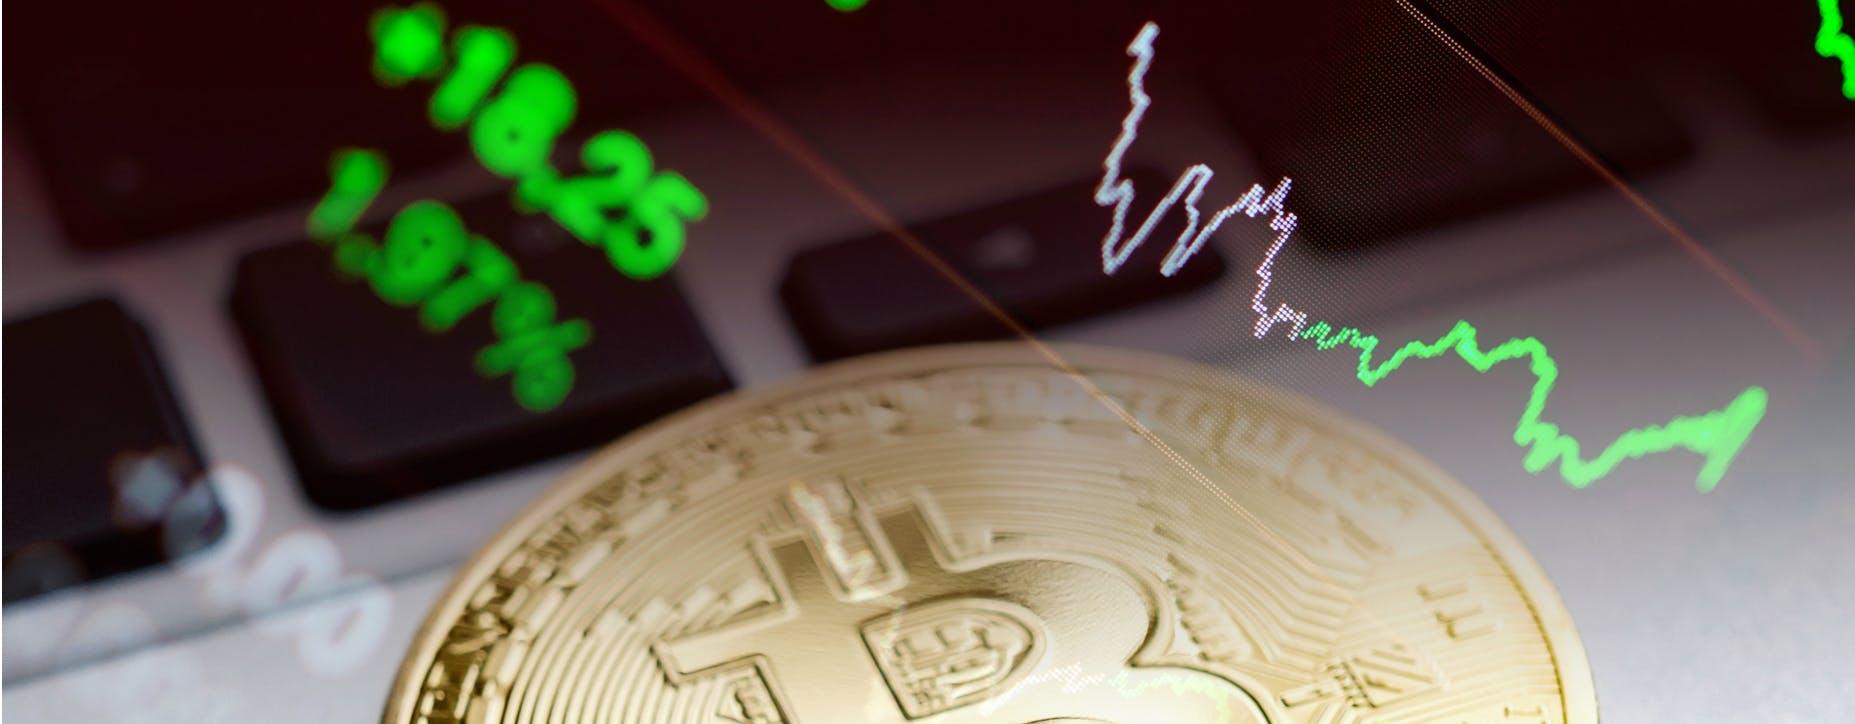 Tulli Bitcoin